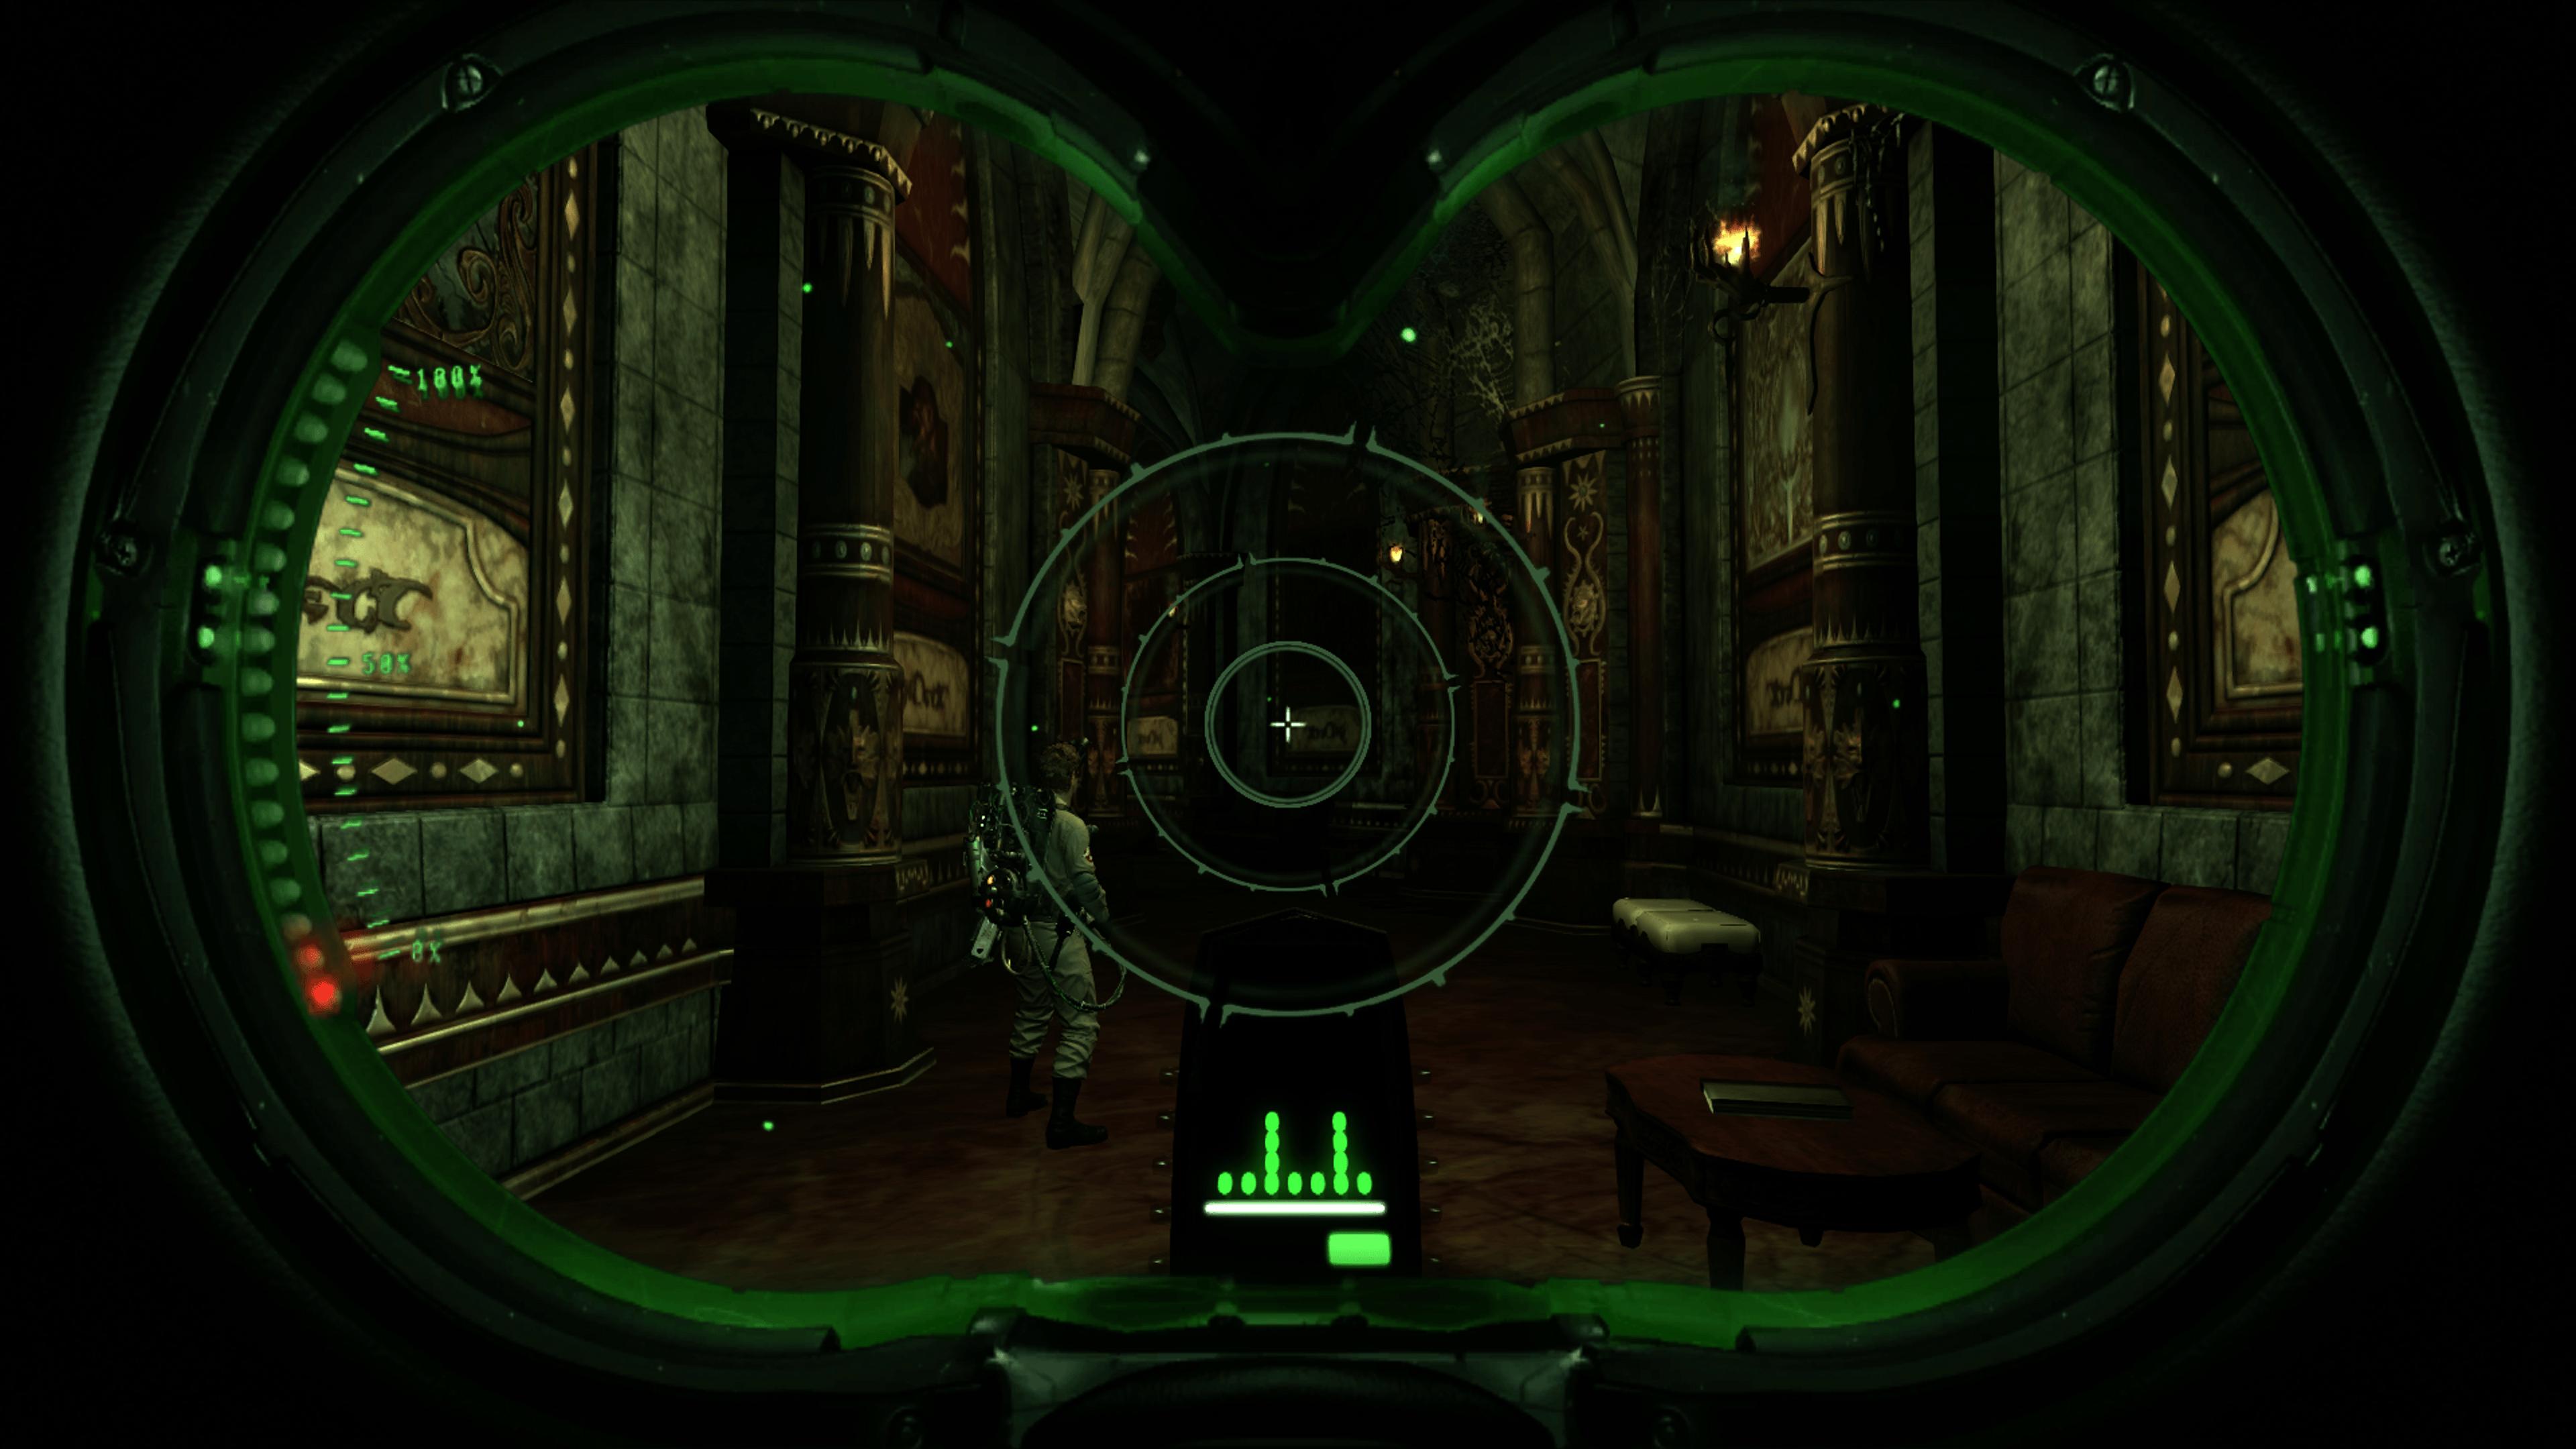 Le célèbre détecteur PK fait partie de votre arsenal et sera un grand atout dans votre missions.